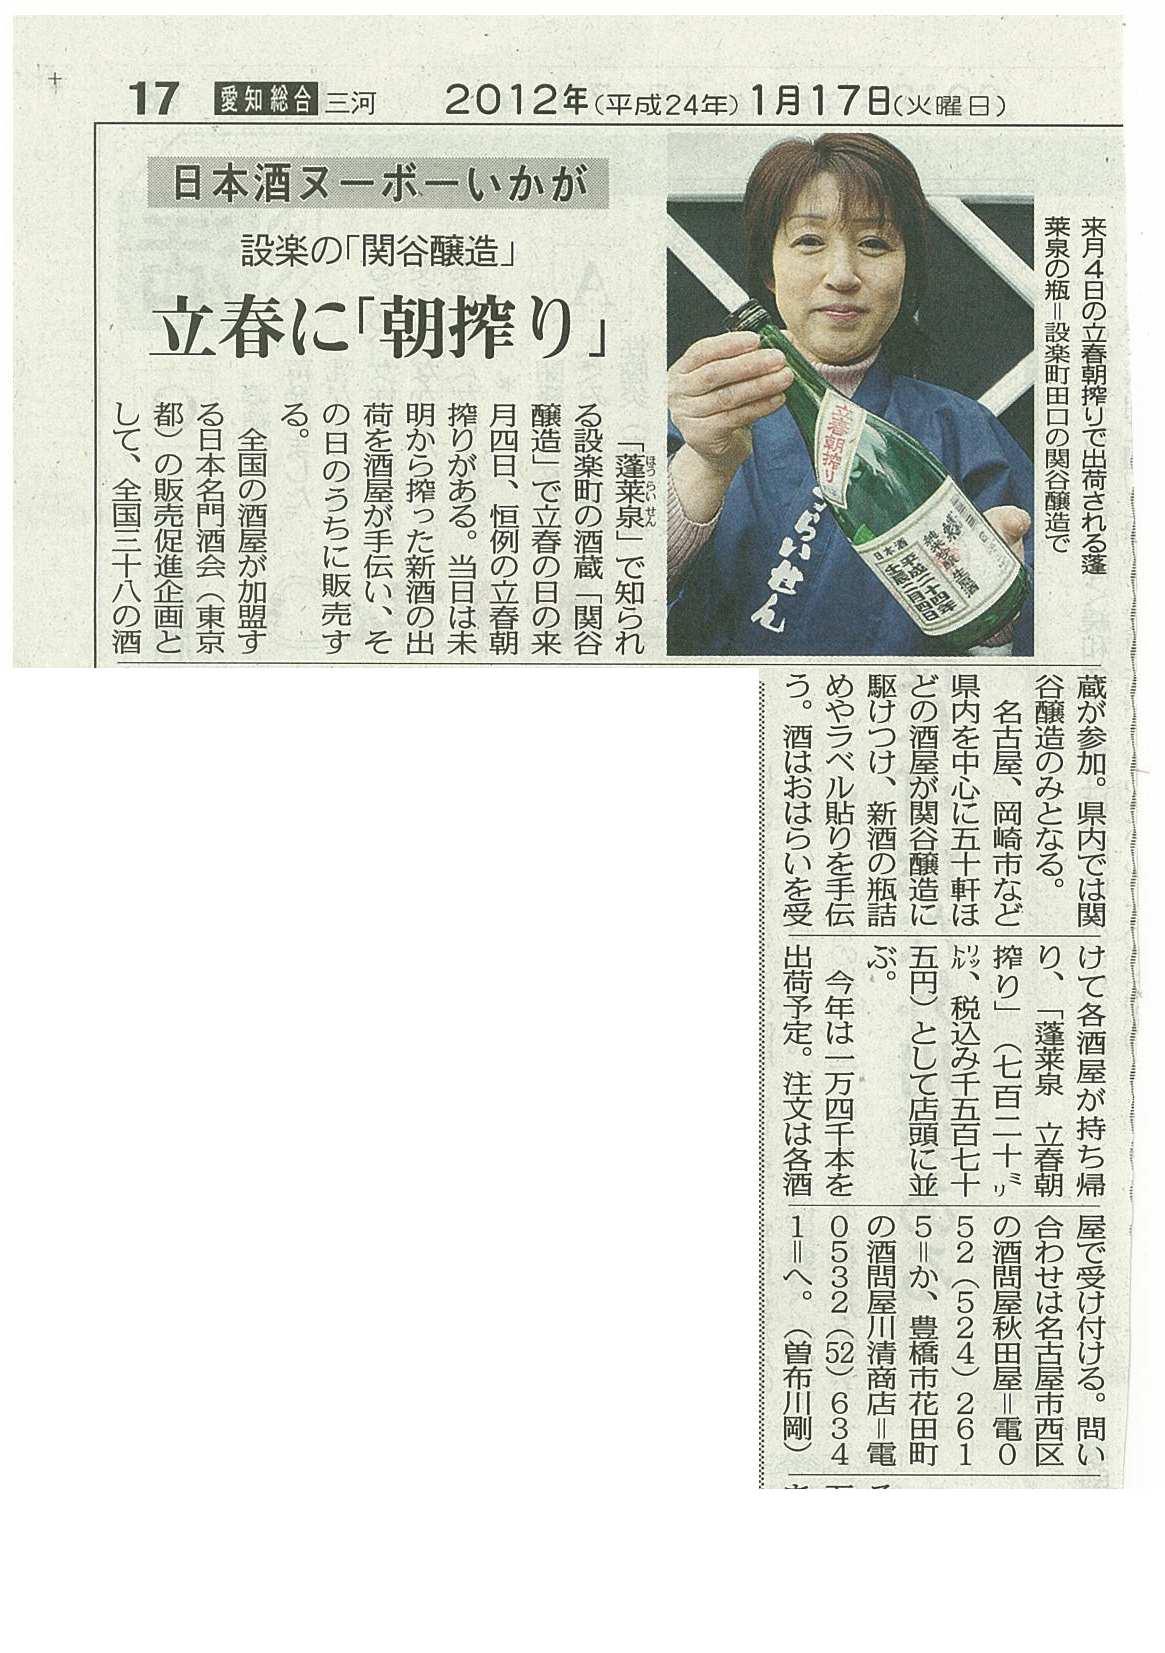 http://www.houraisen.co.jp/blog/houraisen/20120117_3.jpg